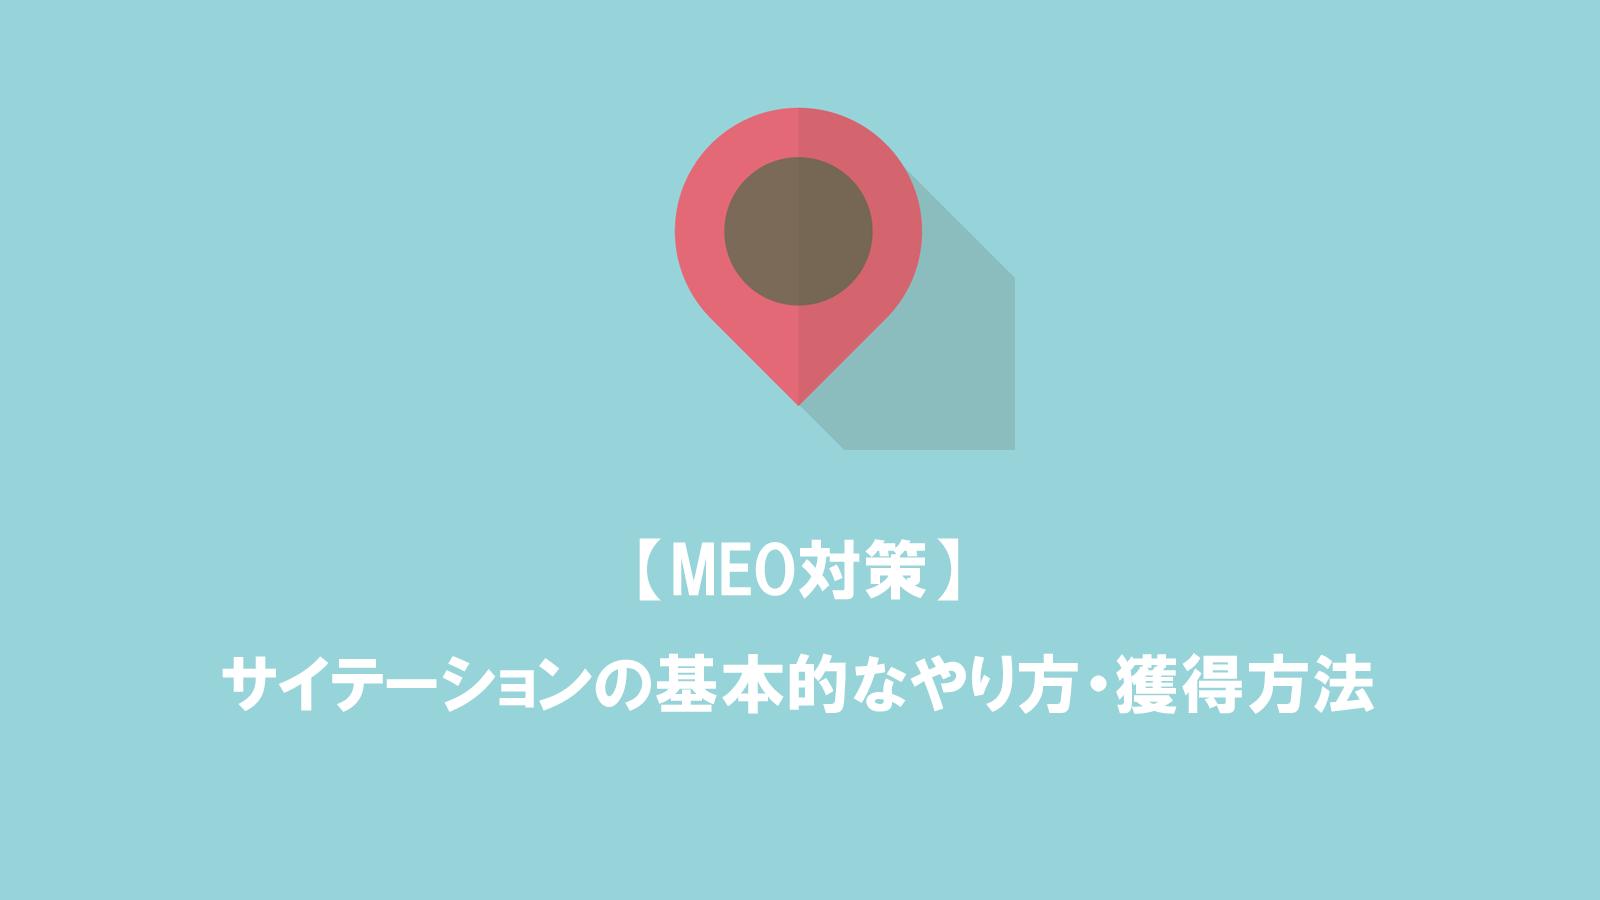 【MEO対策】サイテーションの基本的なやり方・獲得方法